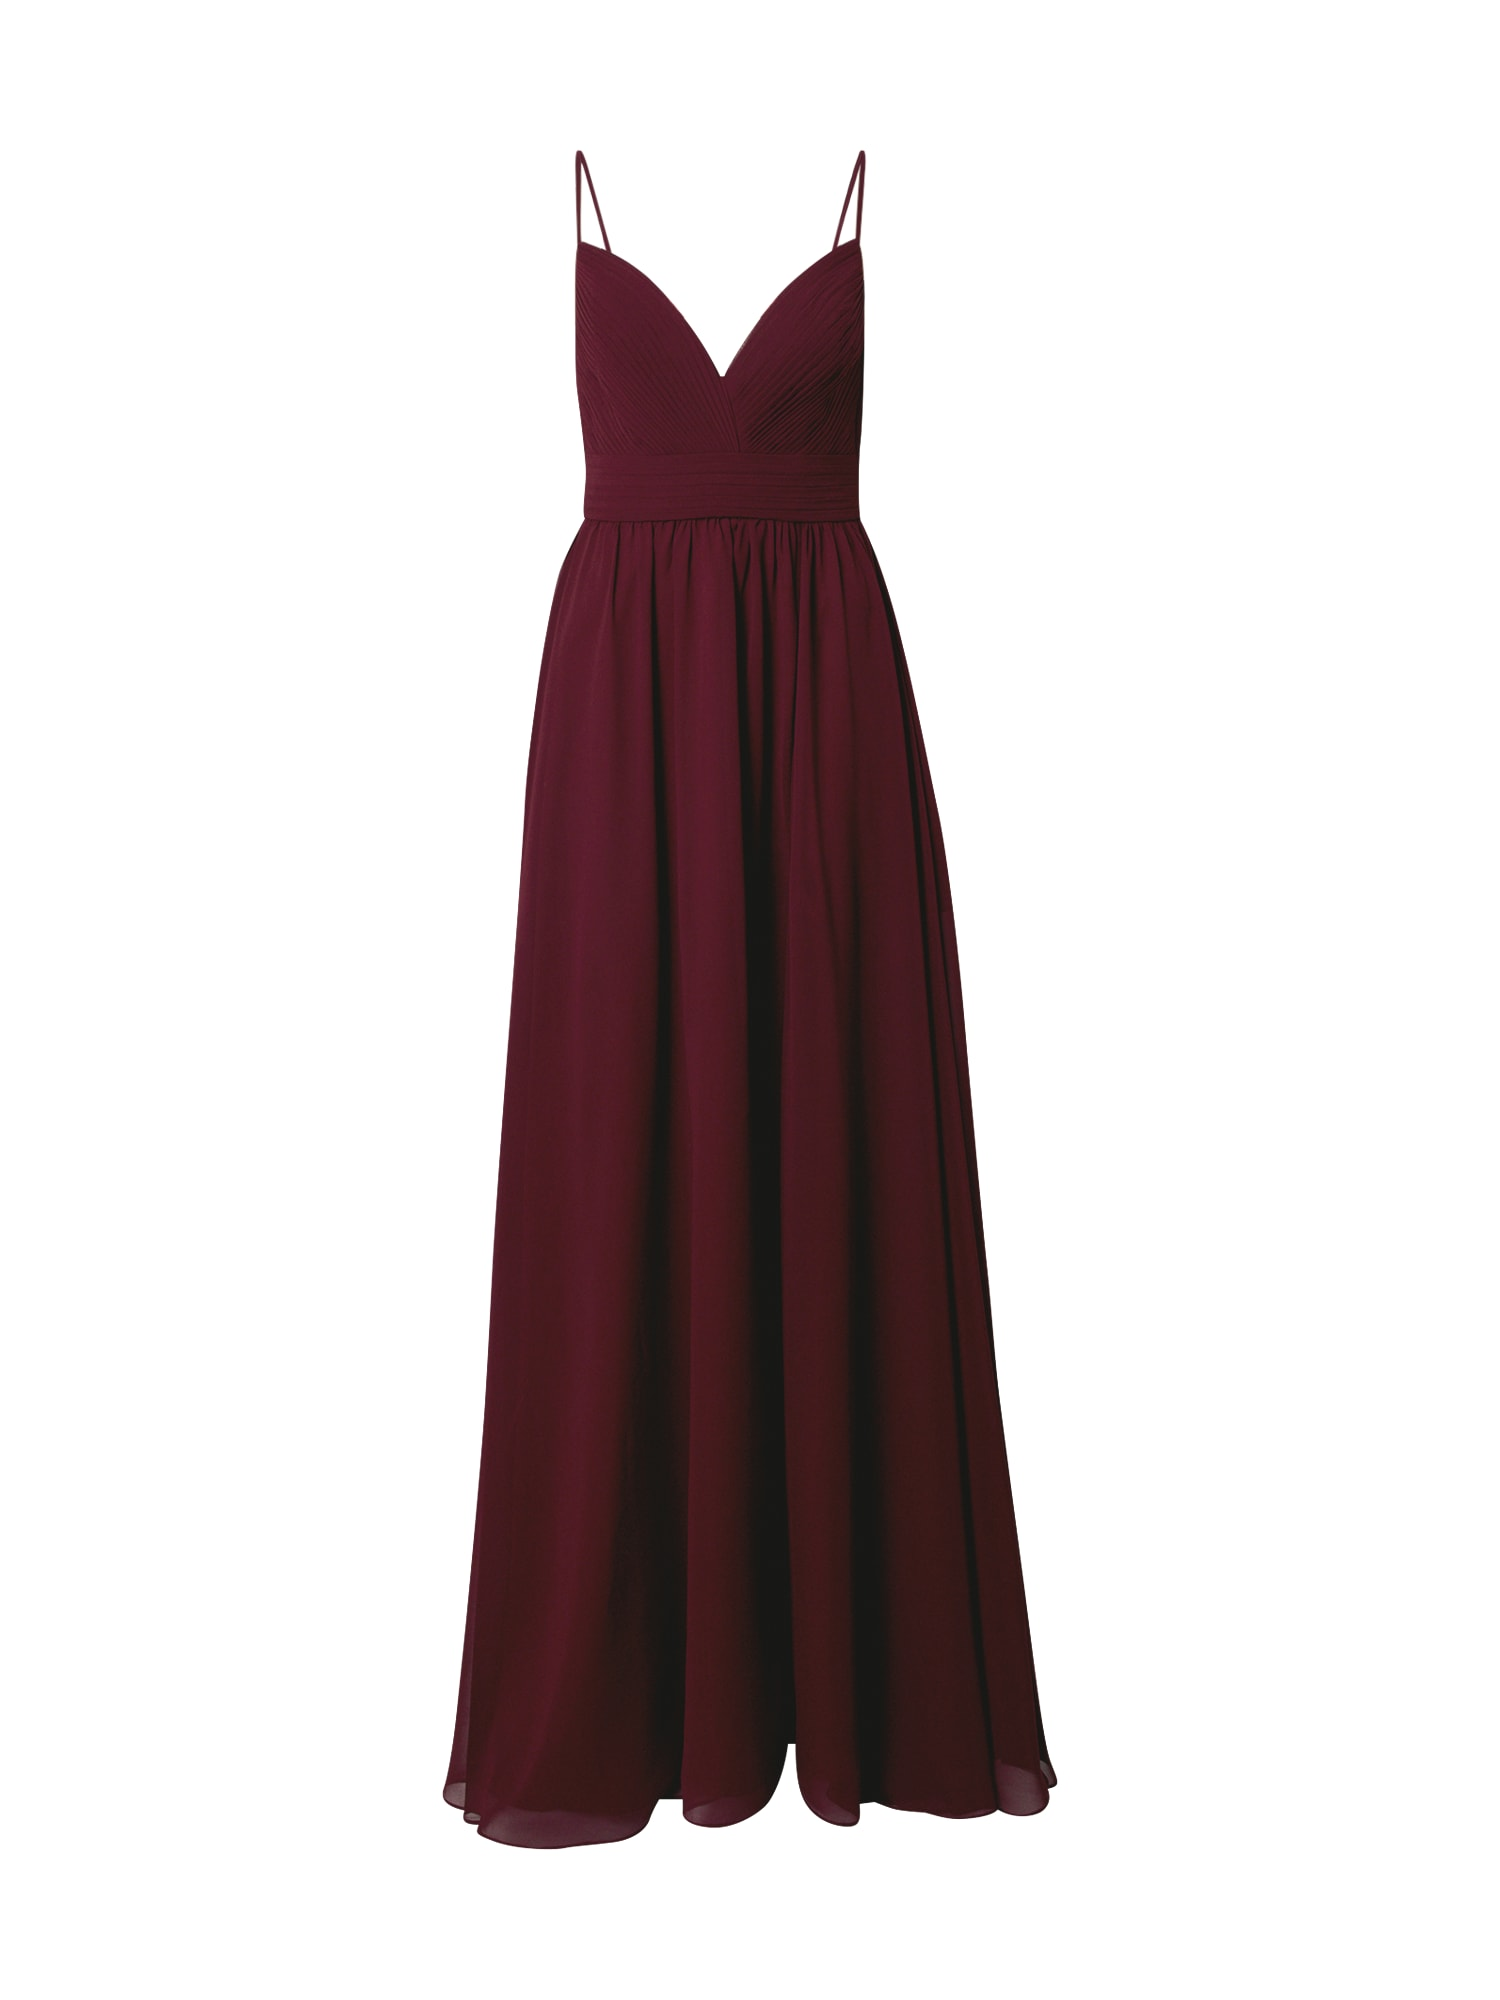 Unique Suknelė vyno raudona spalva